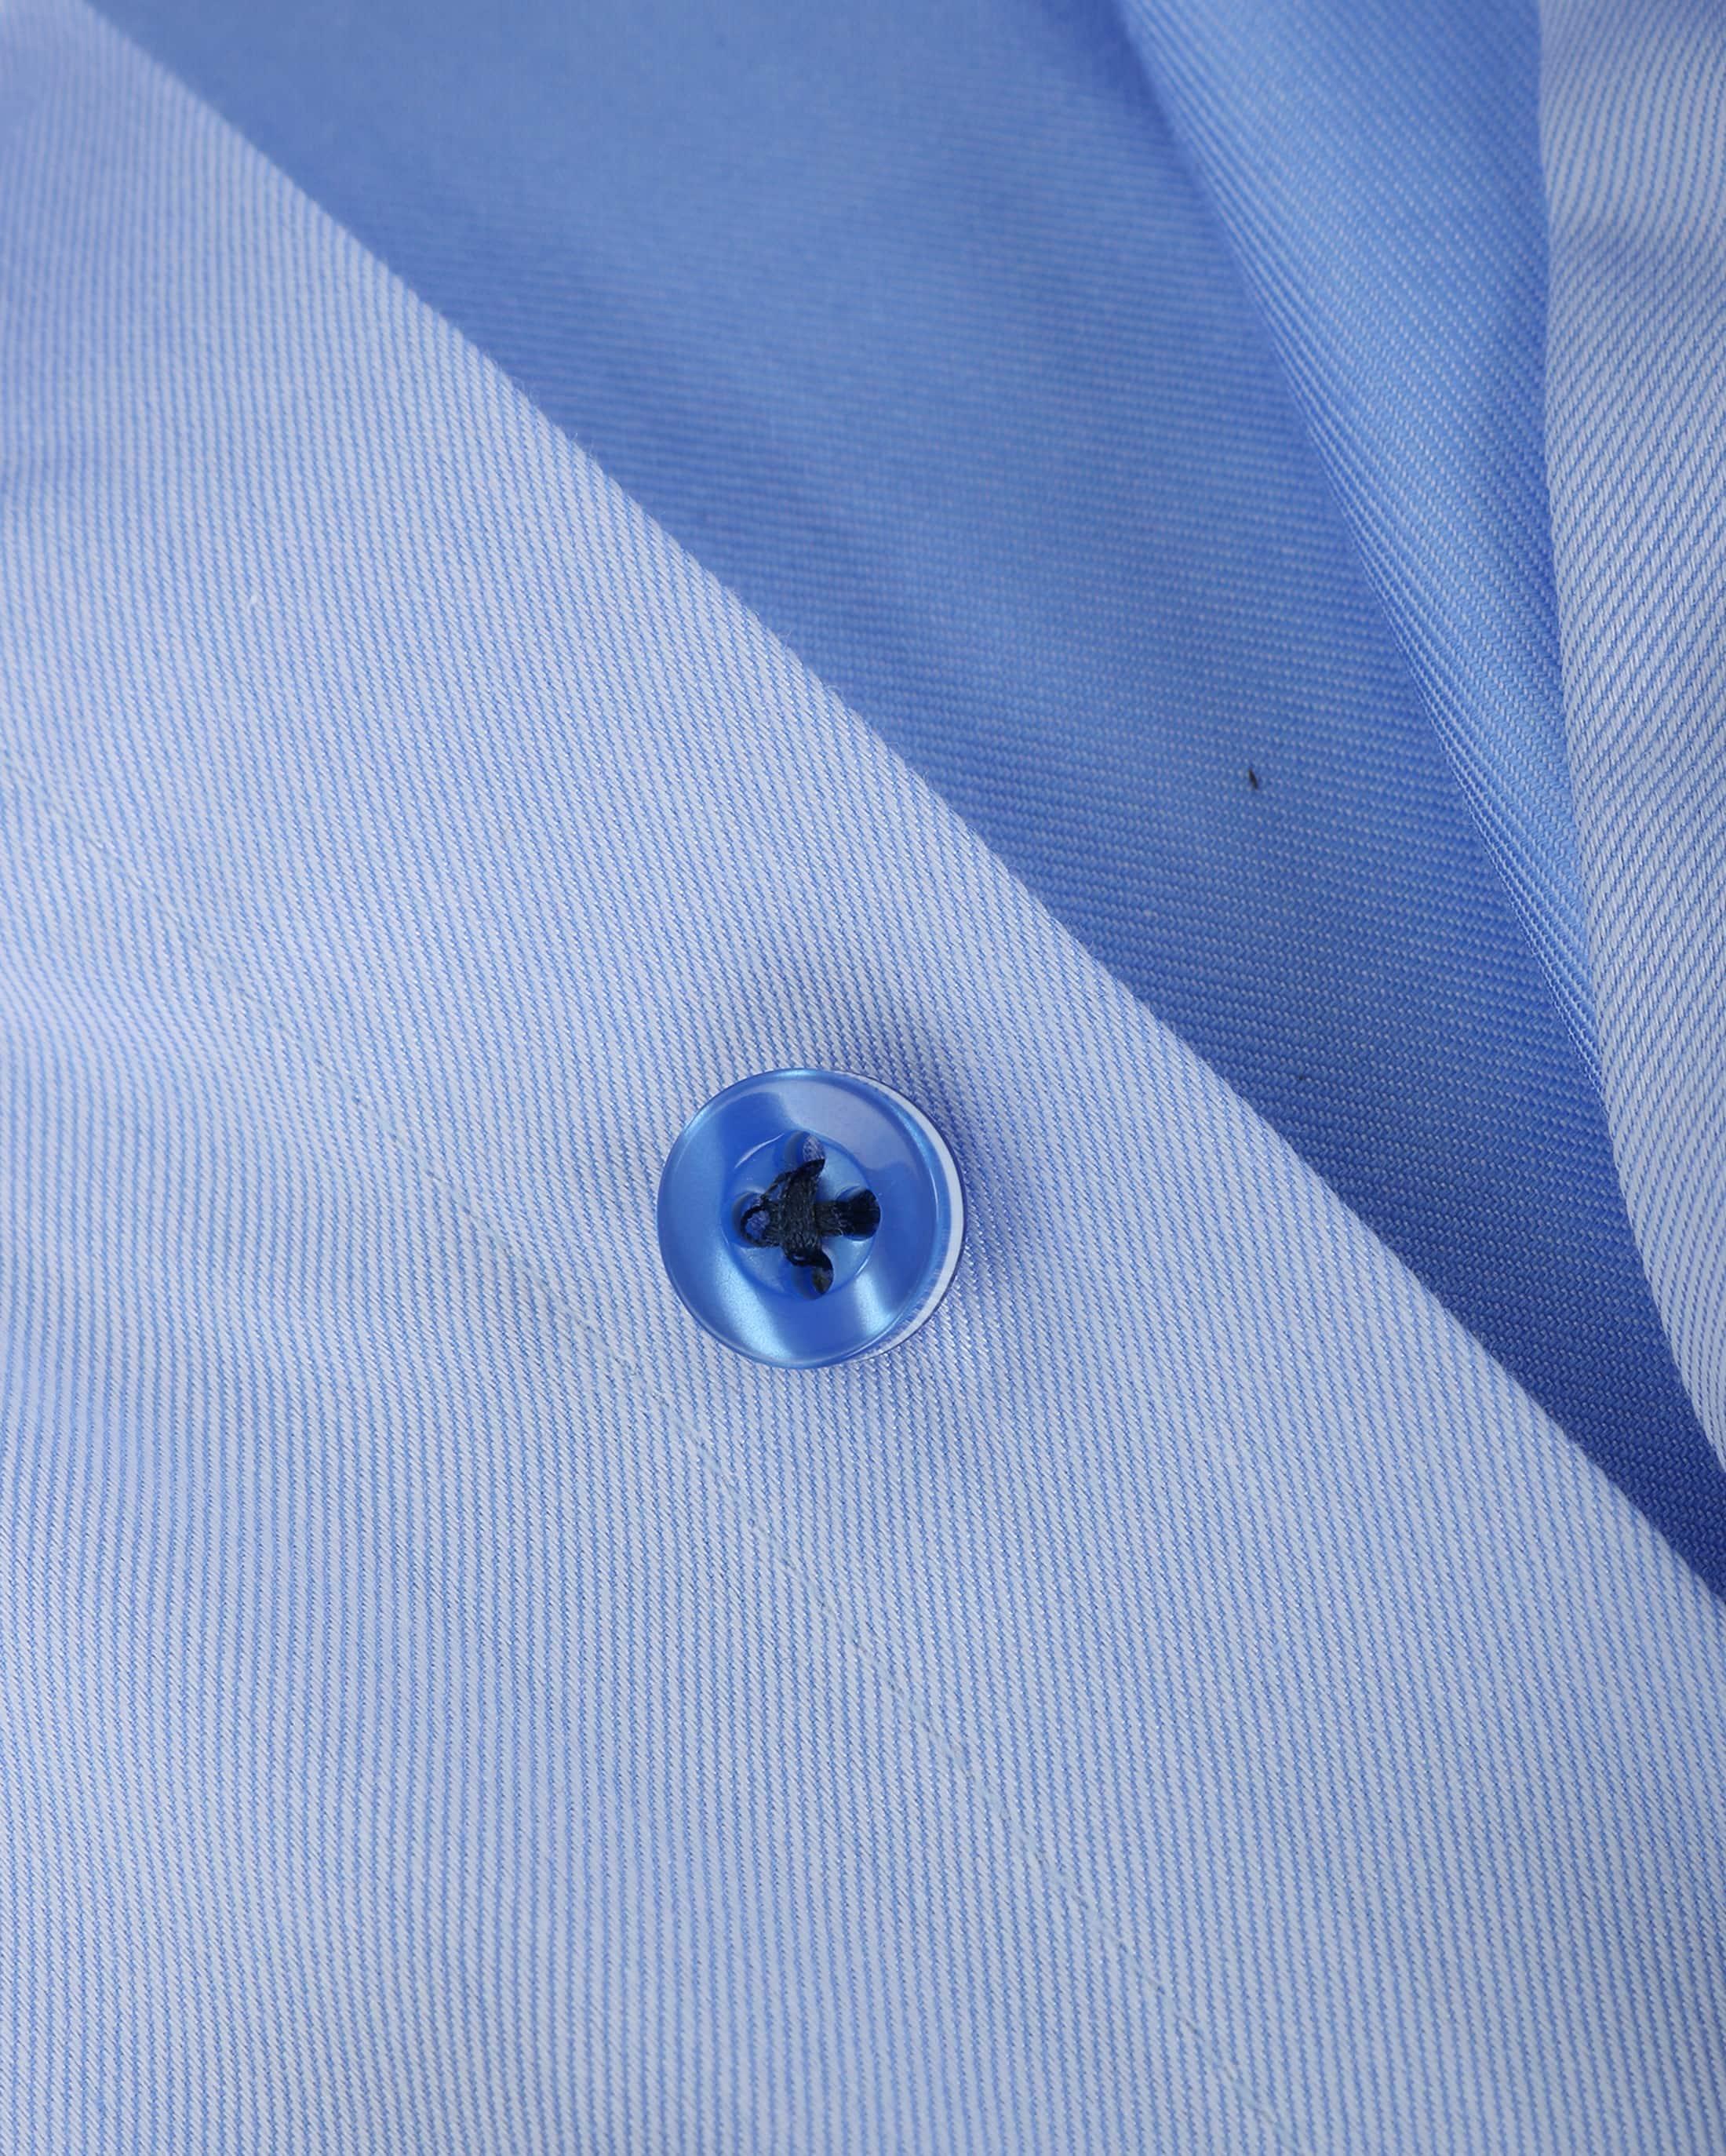 Suitable Overhemd Blauw 133-2 foto 3